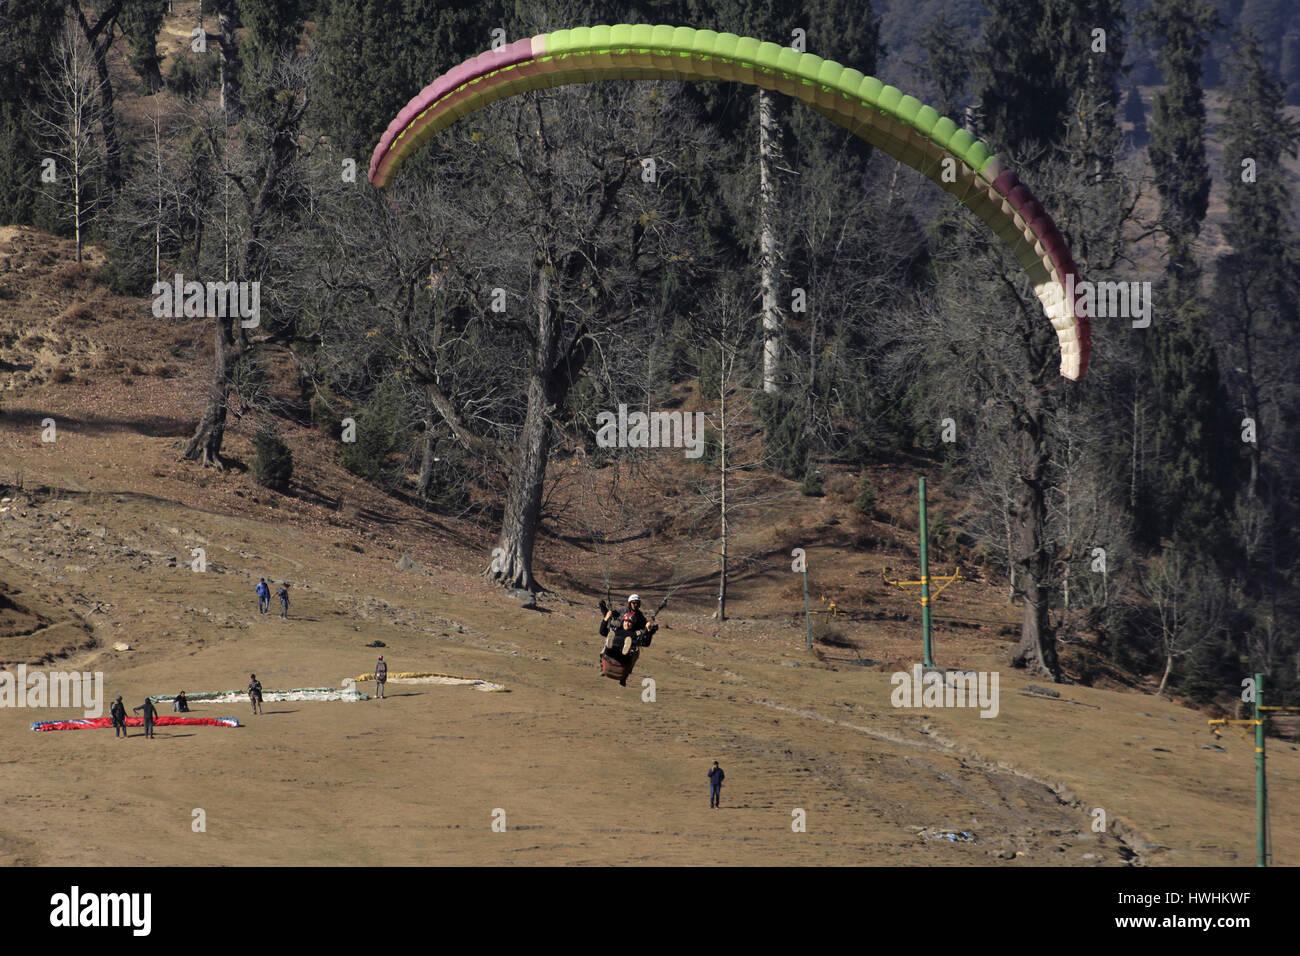 Paragliding at Solang Valley, Kulu Manali, Himachal Pradesh, India - Stock Image